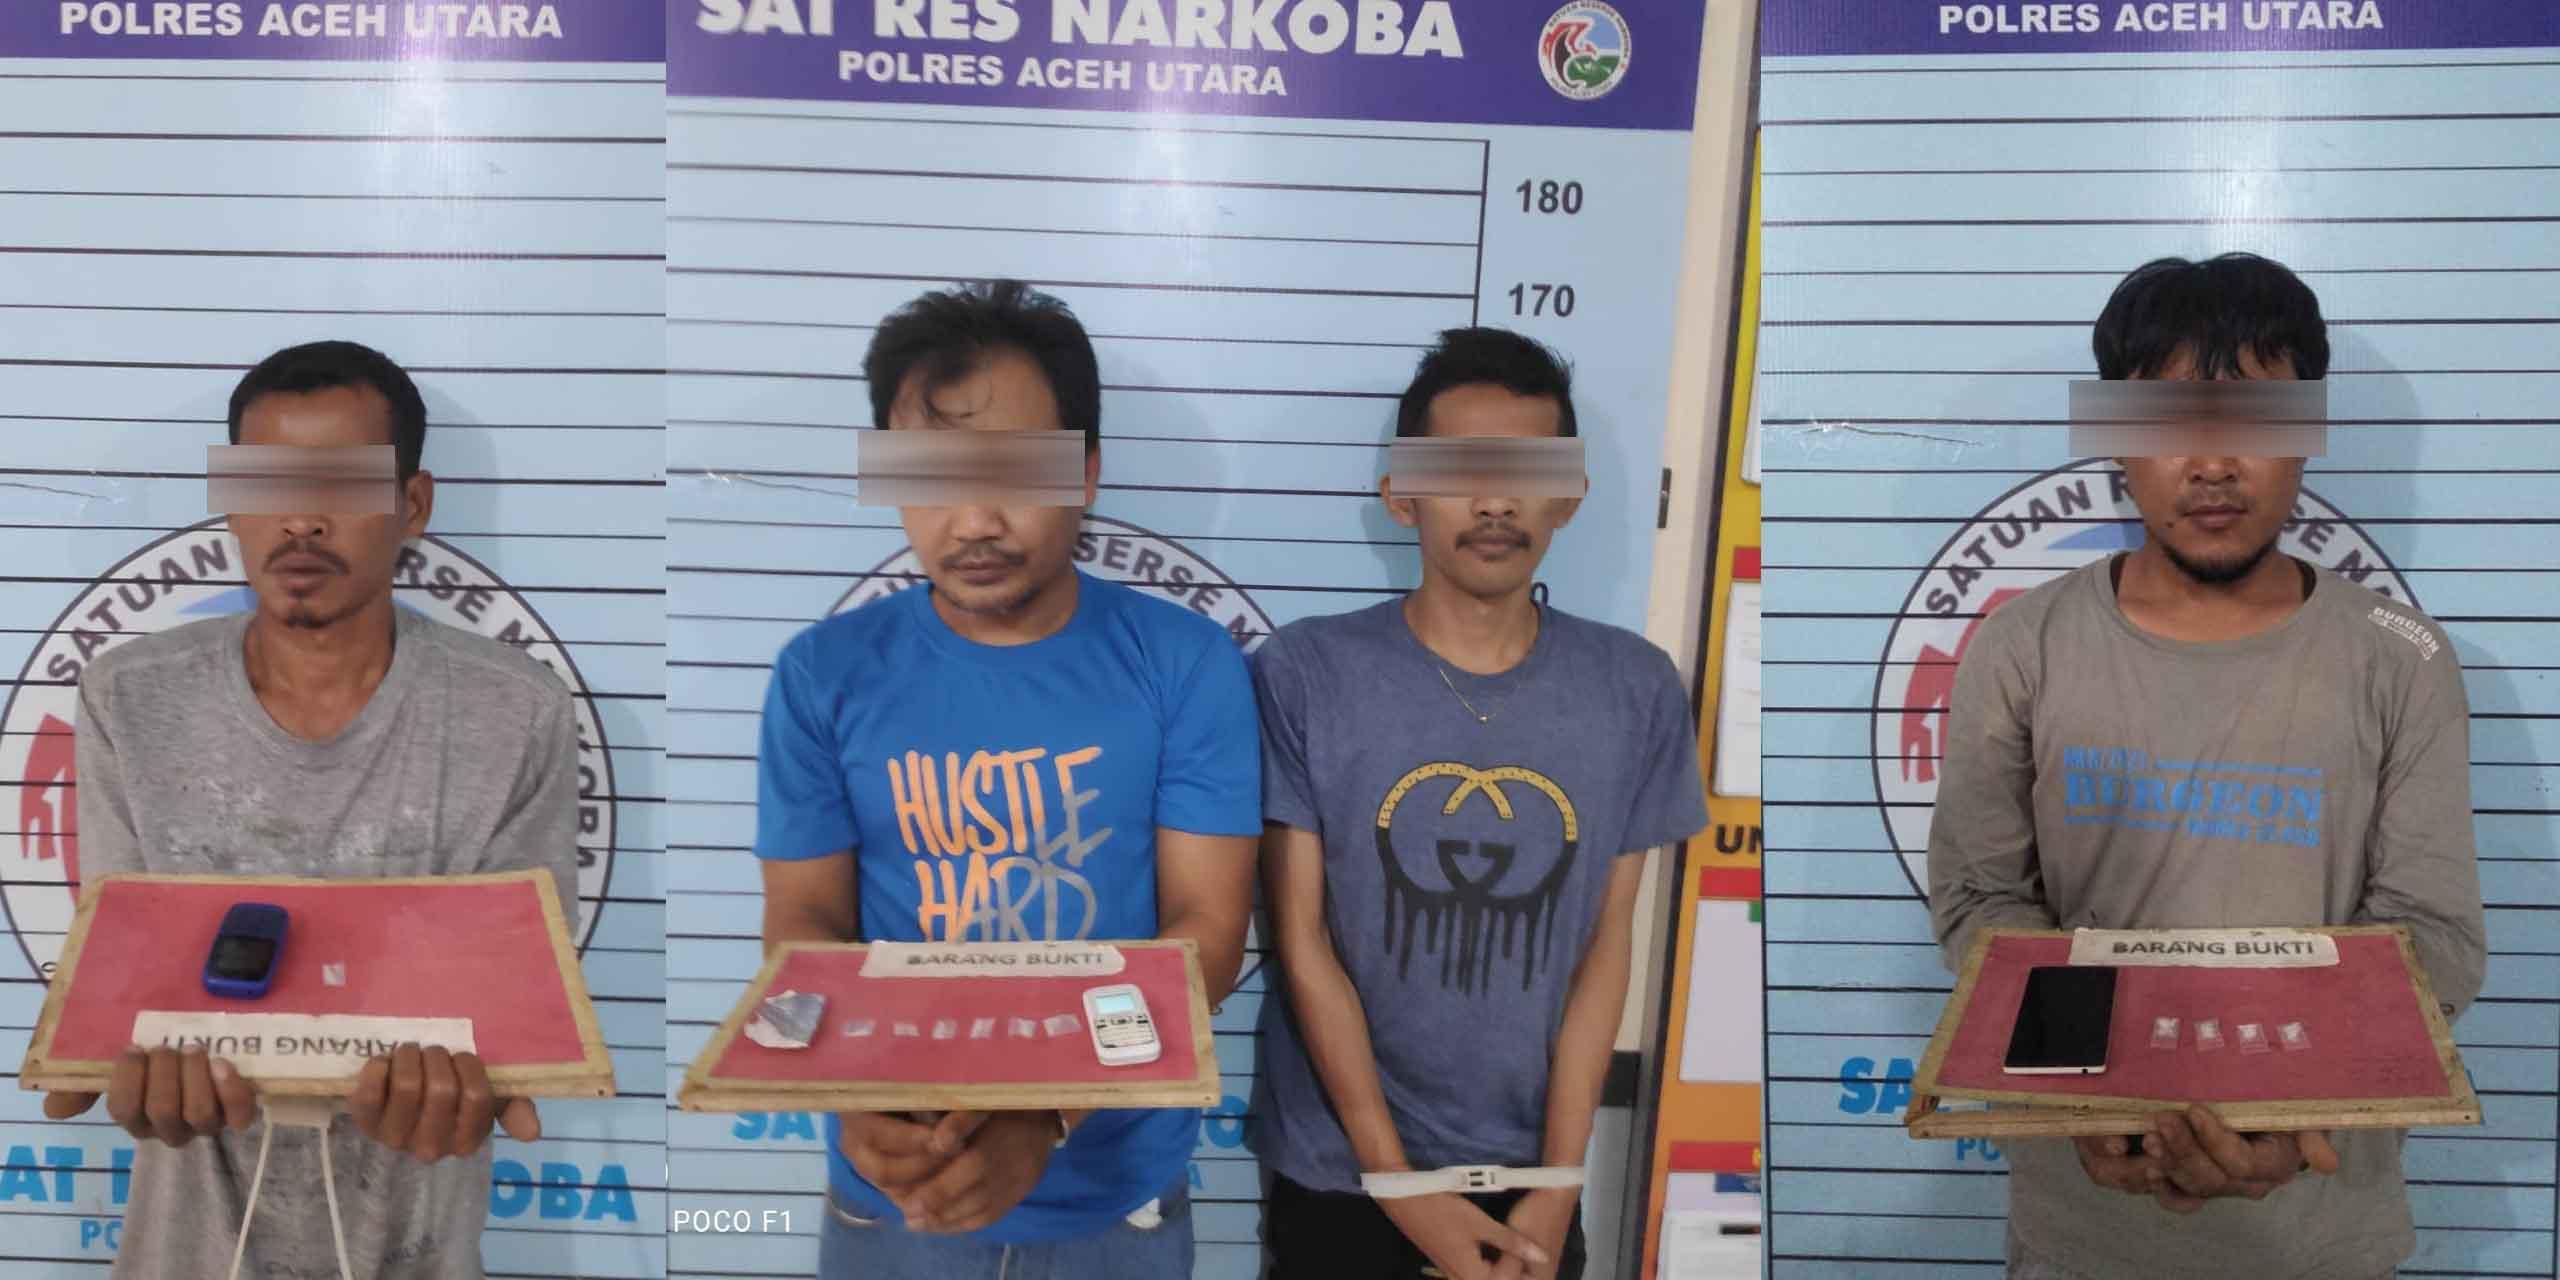 Pekan Ini Polres Aceh Utara Amankan 4 Pelaku Kasus Narkoba